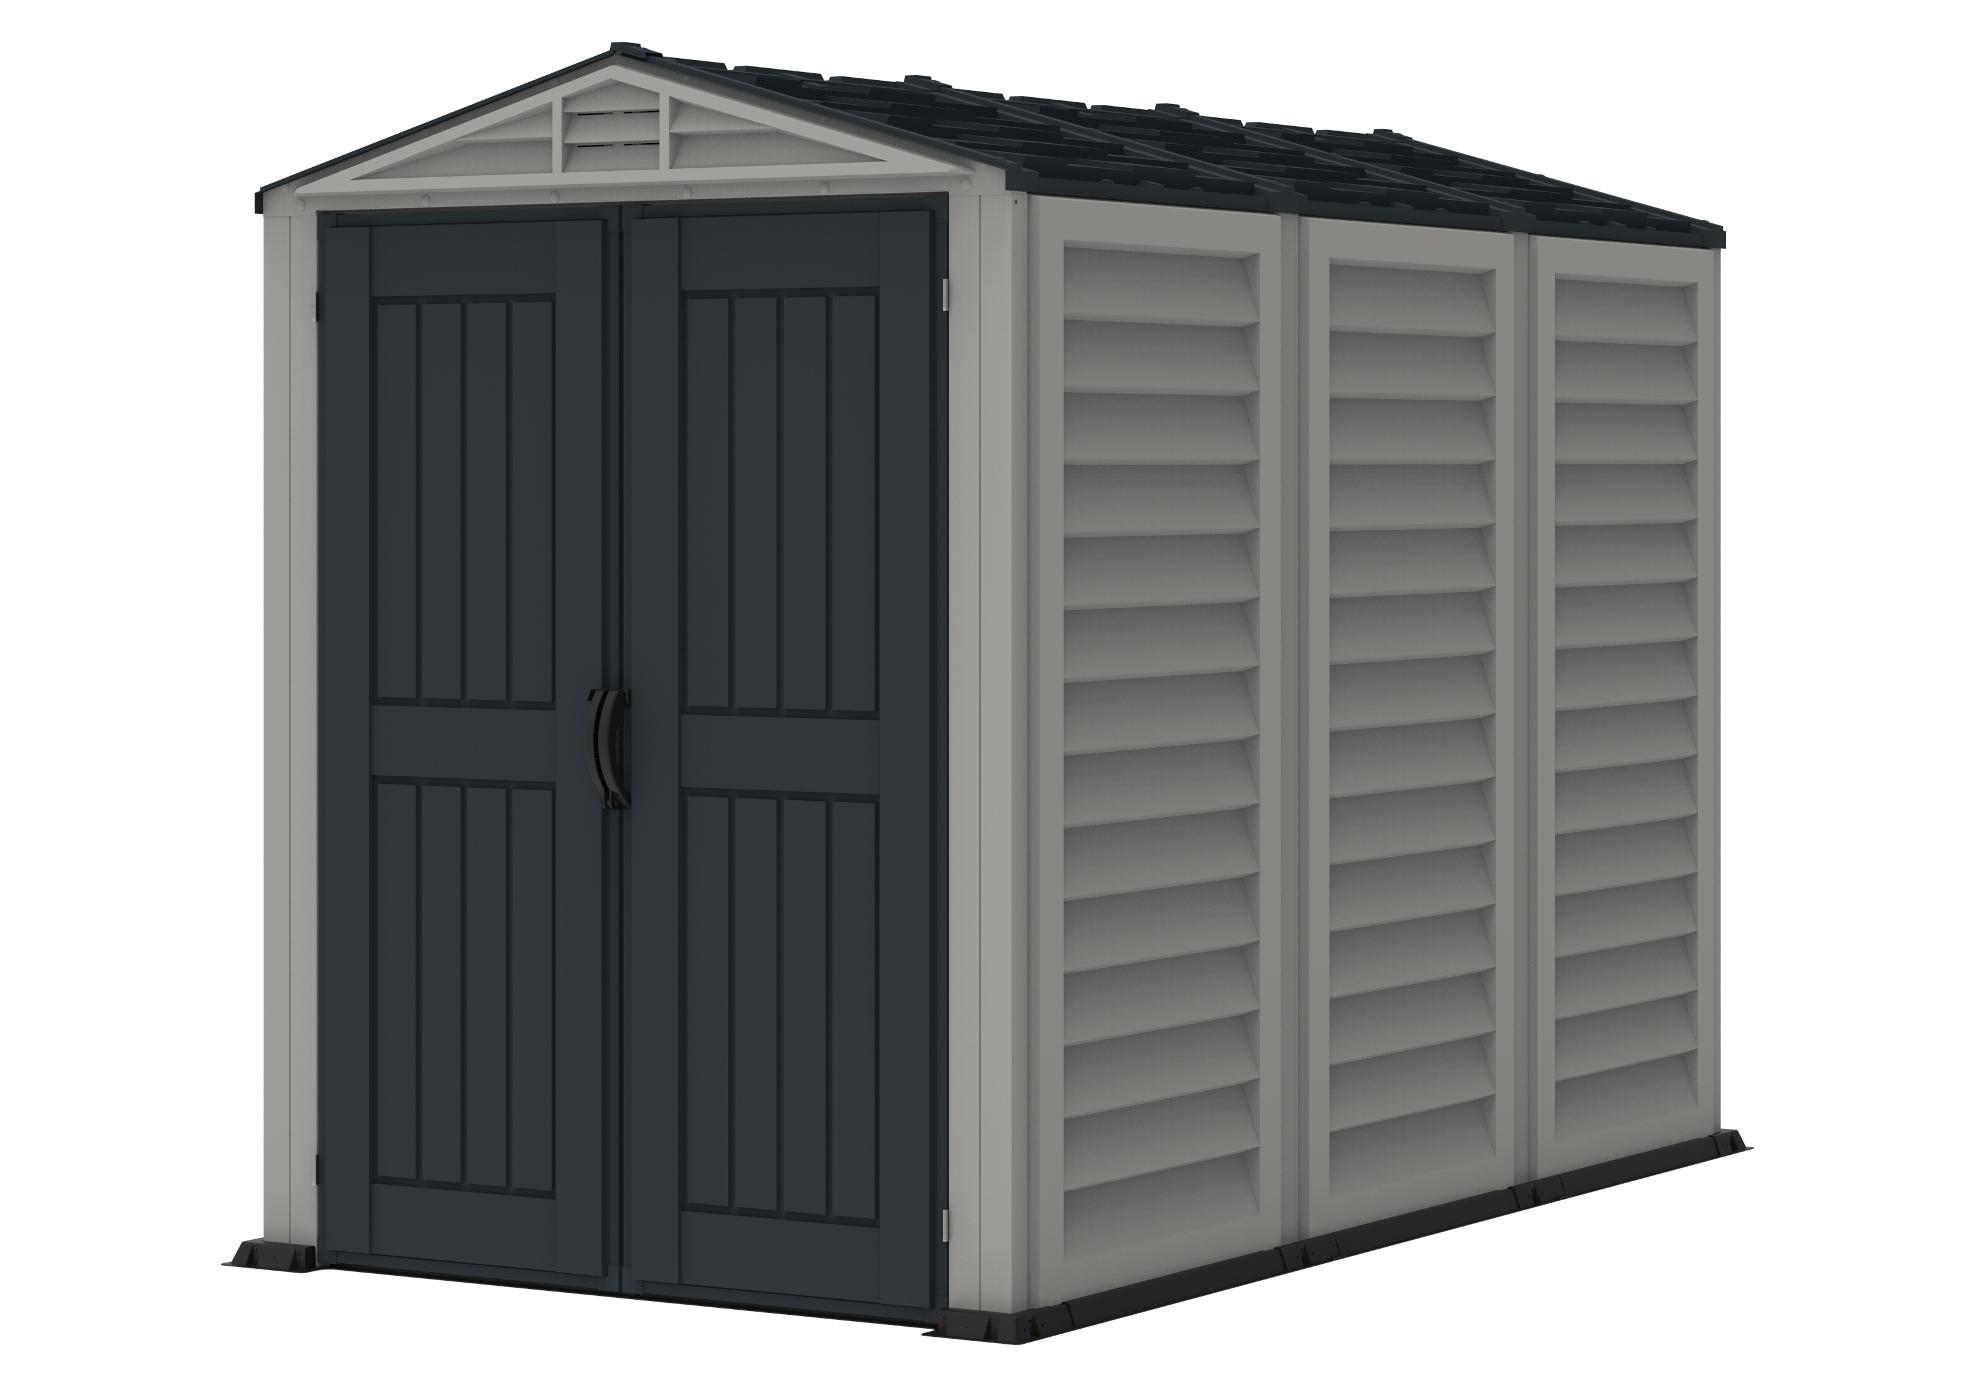 DURAMAX Zahradní plastový domek YardMate Plus 5'x8', 4,1 m² - šedý/antracit + podlahová konstrukce DURAMAX 35825